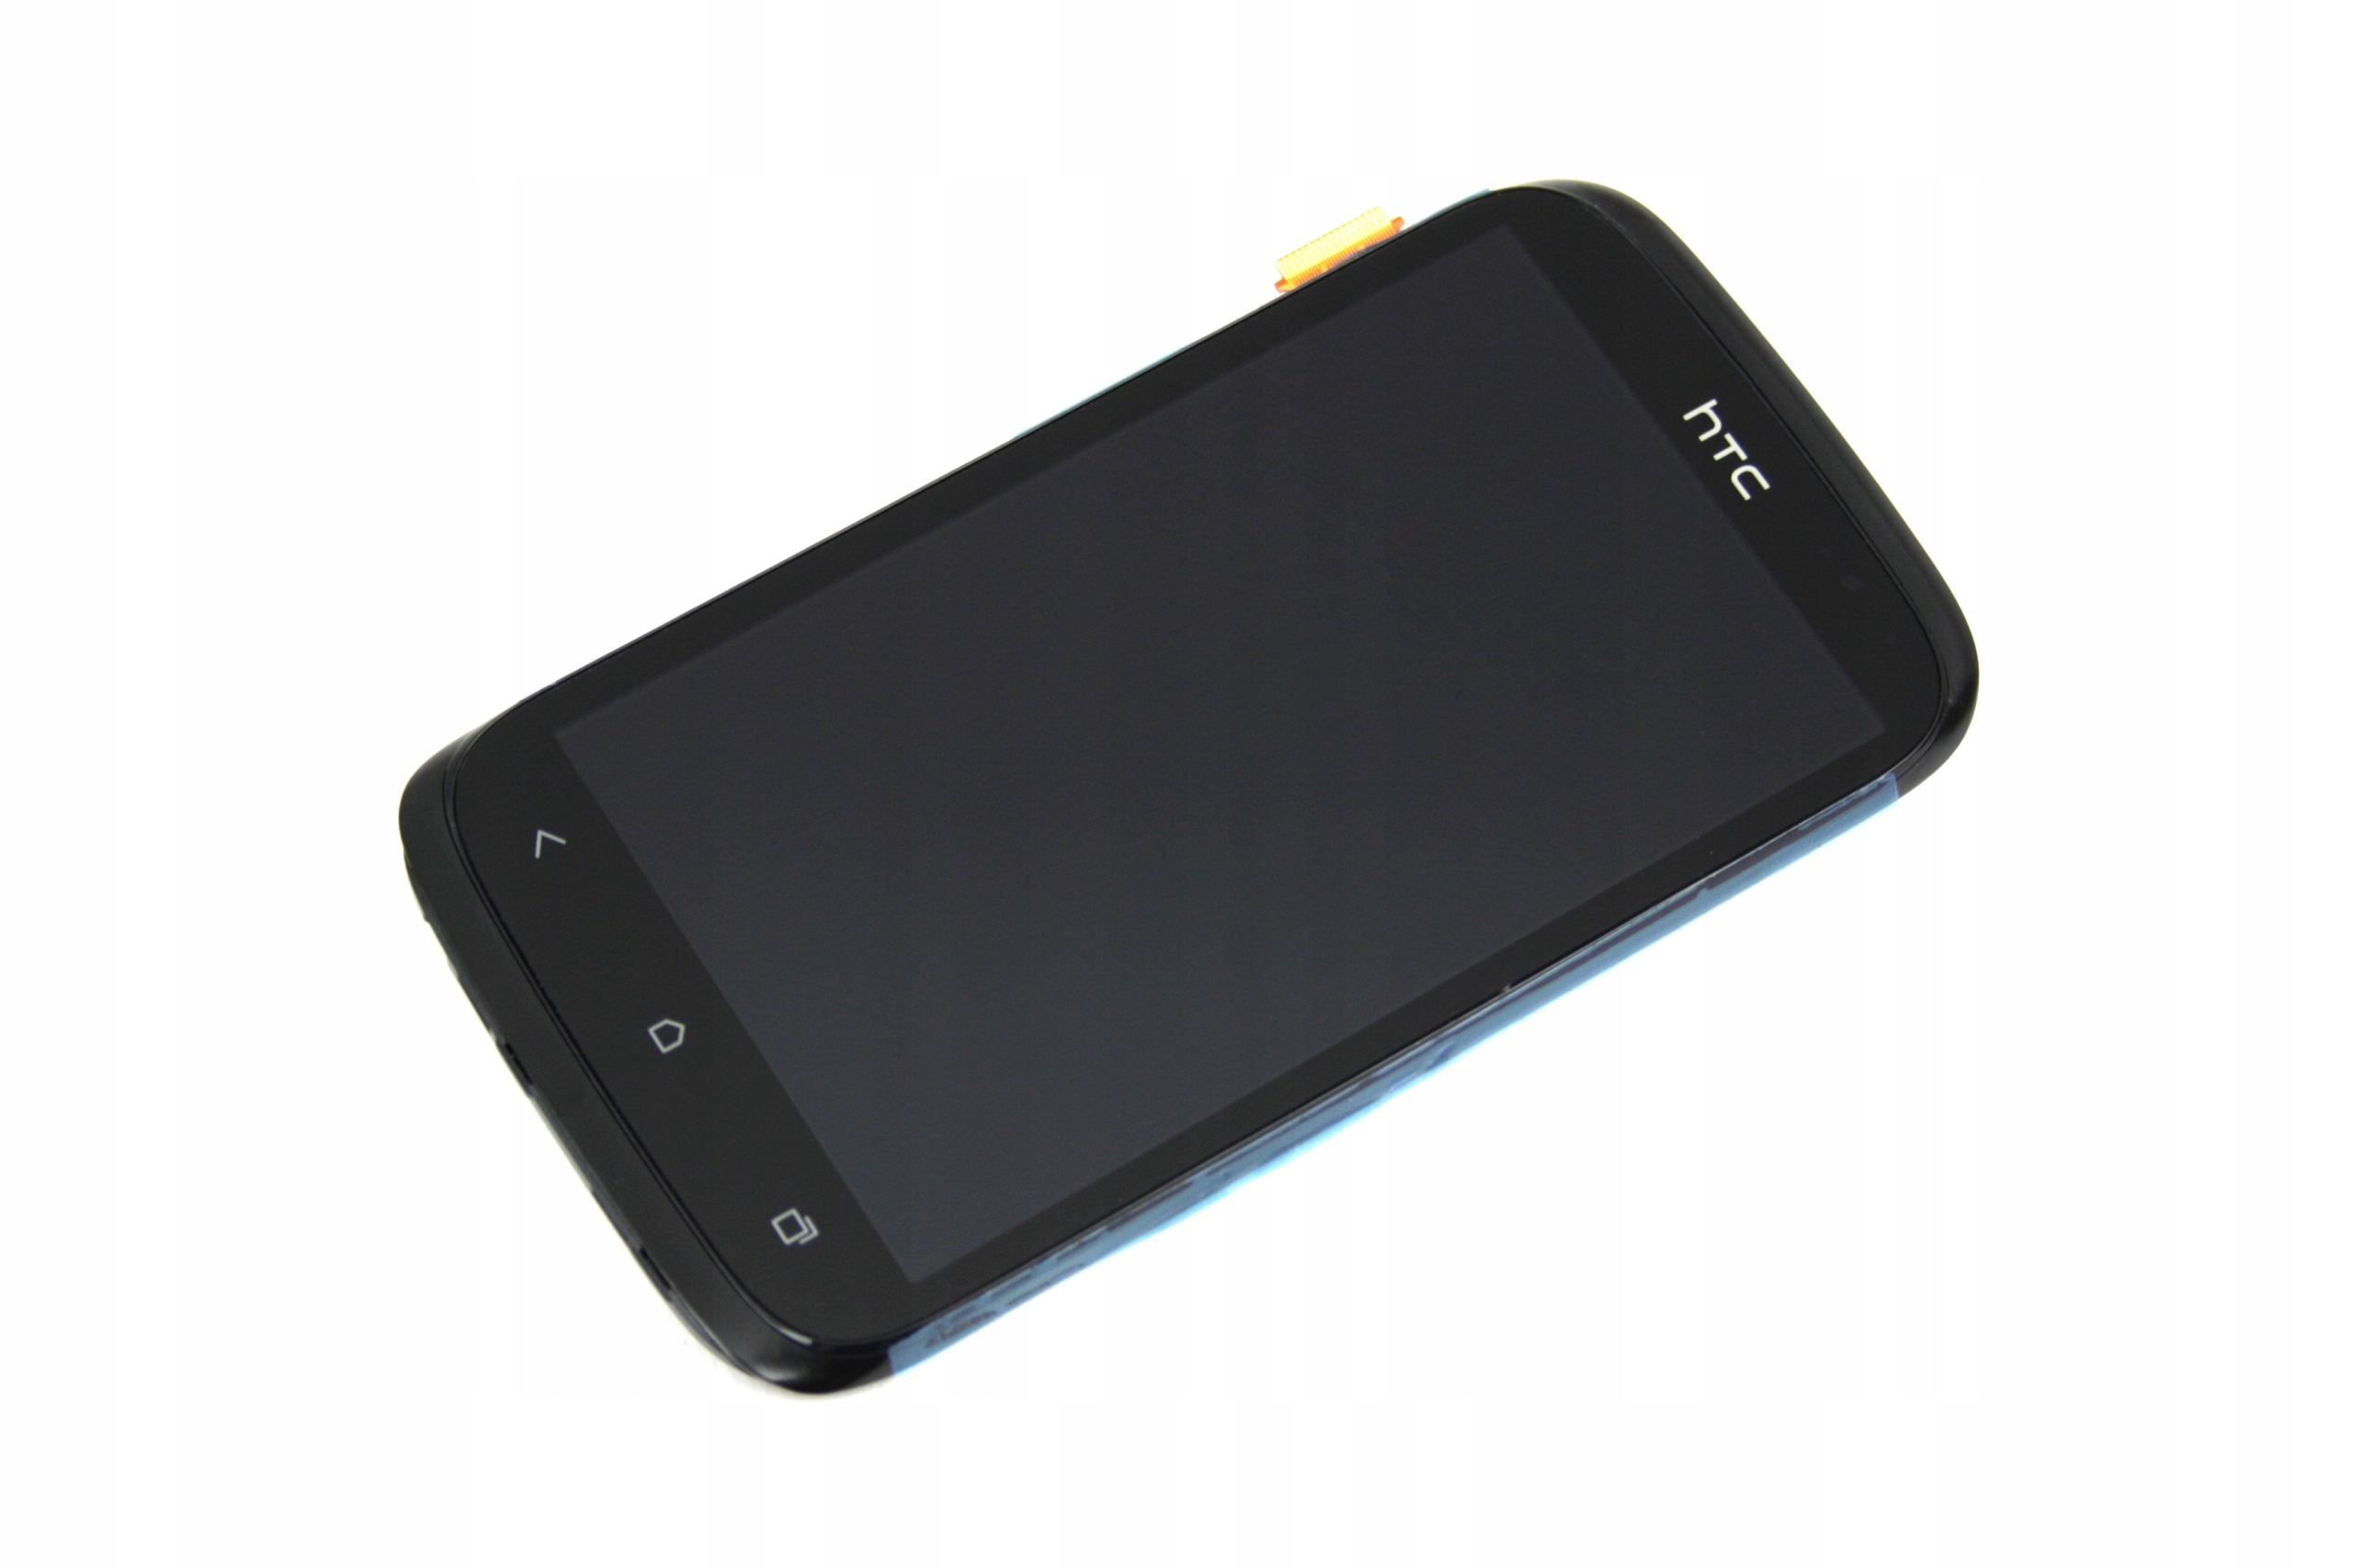 HTC DESIRE X WYŚWIETLACZ LCD SZYBKA DIGITIZER